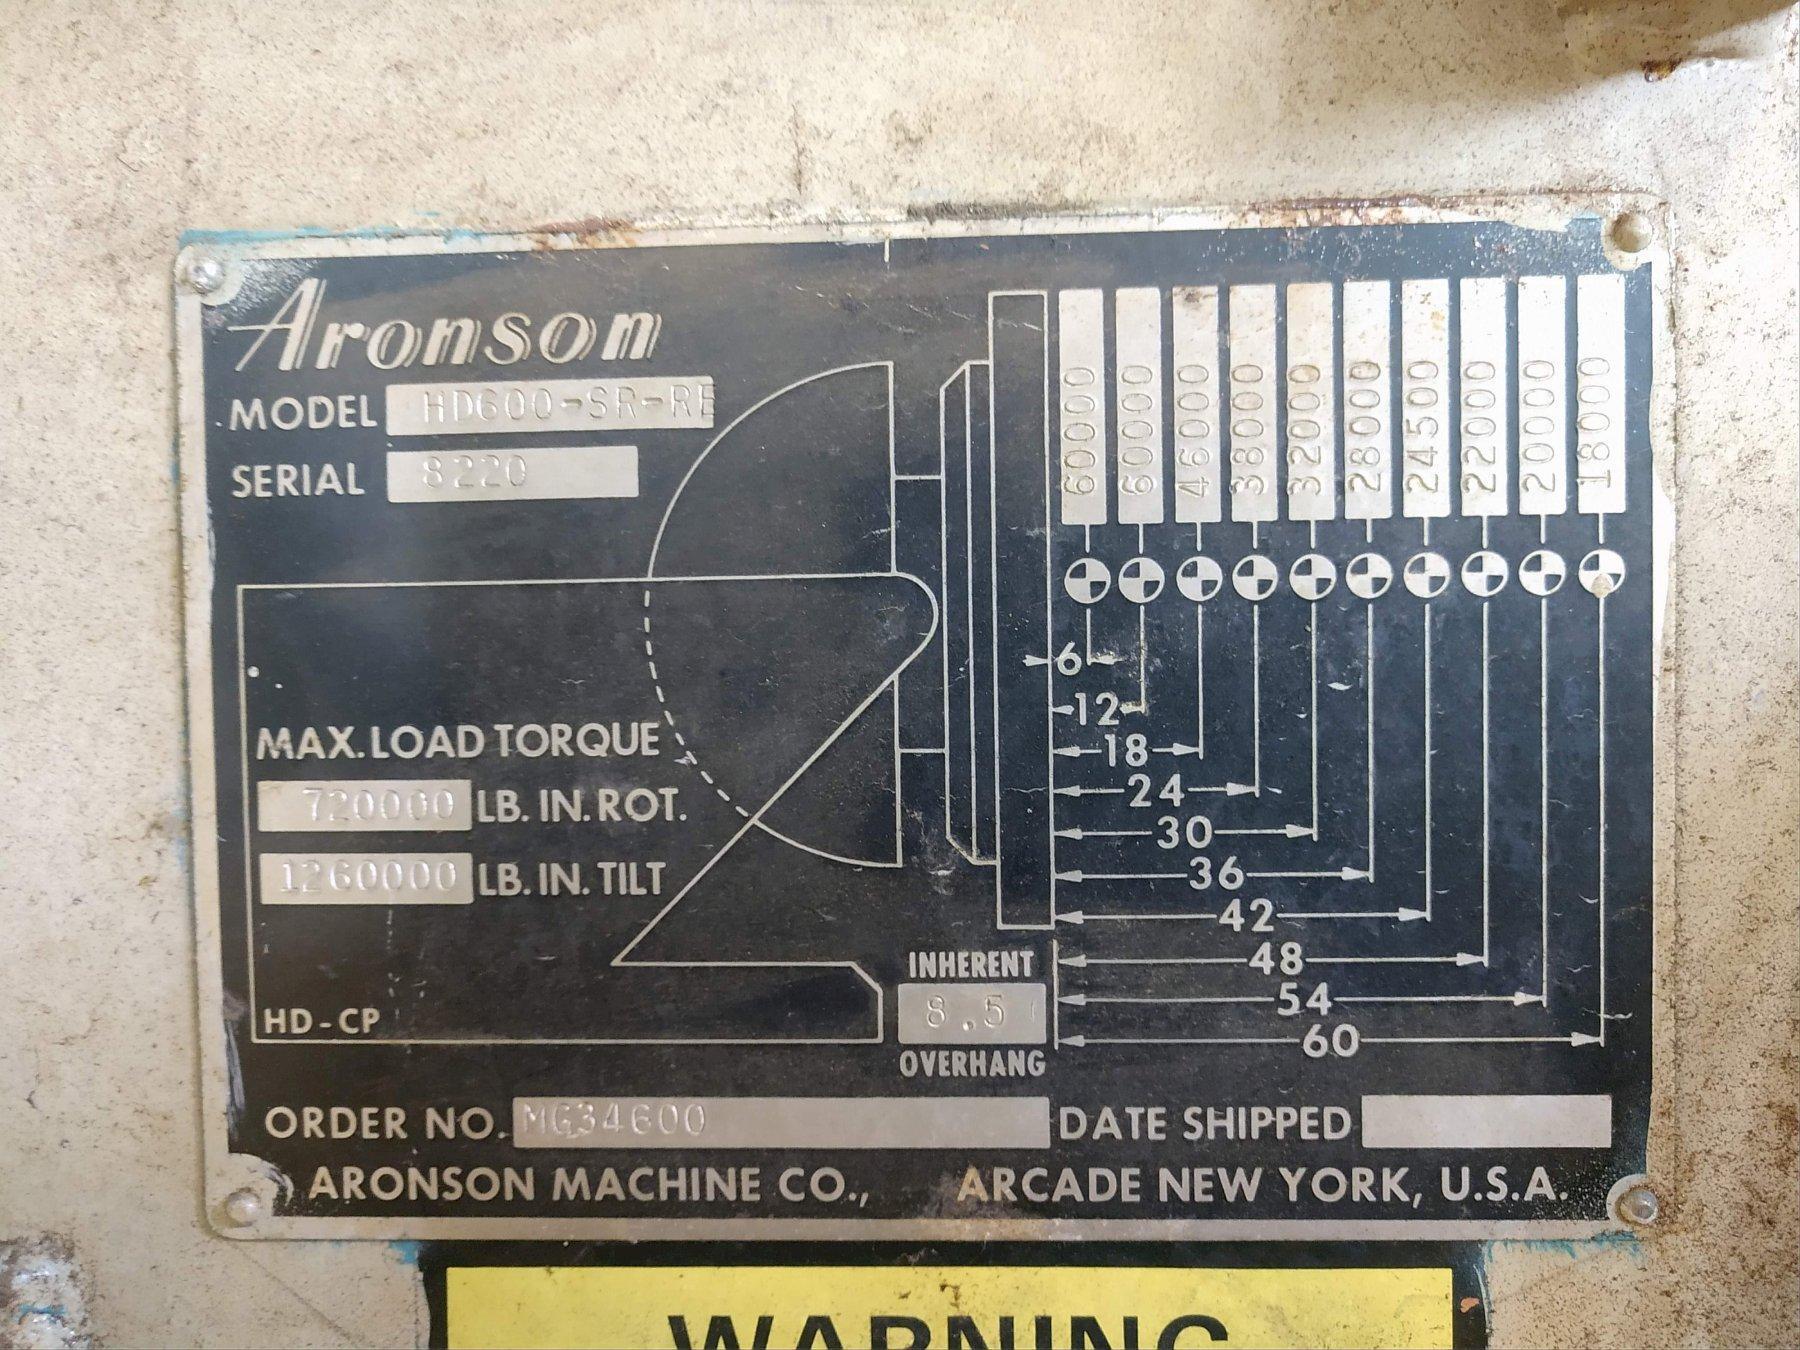 60,000 LB ARONSON MODEL #HD600-SR-RE WELDING POSITIONER: STOCK 14212